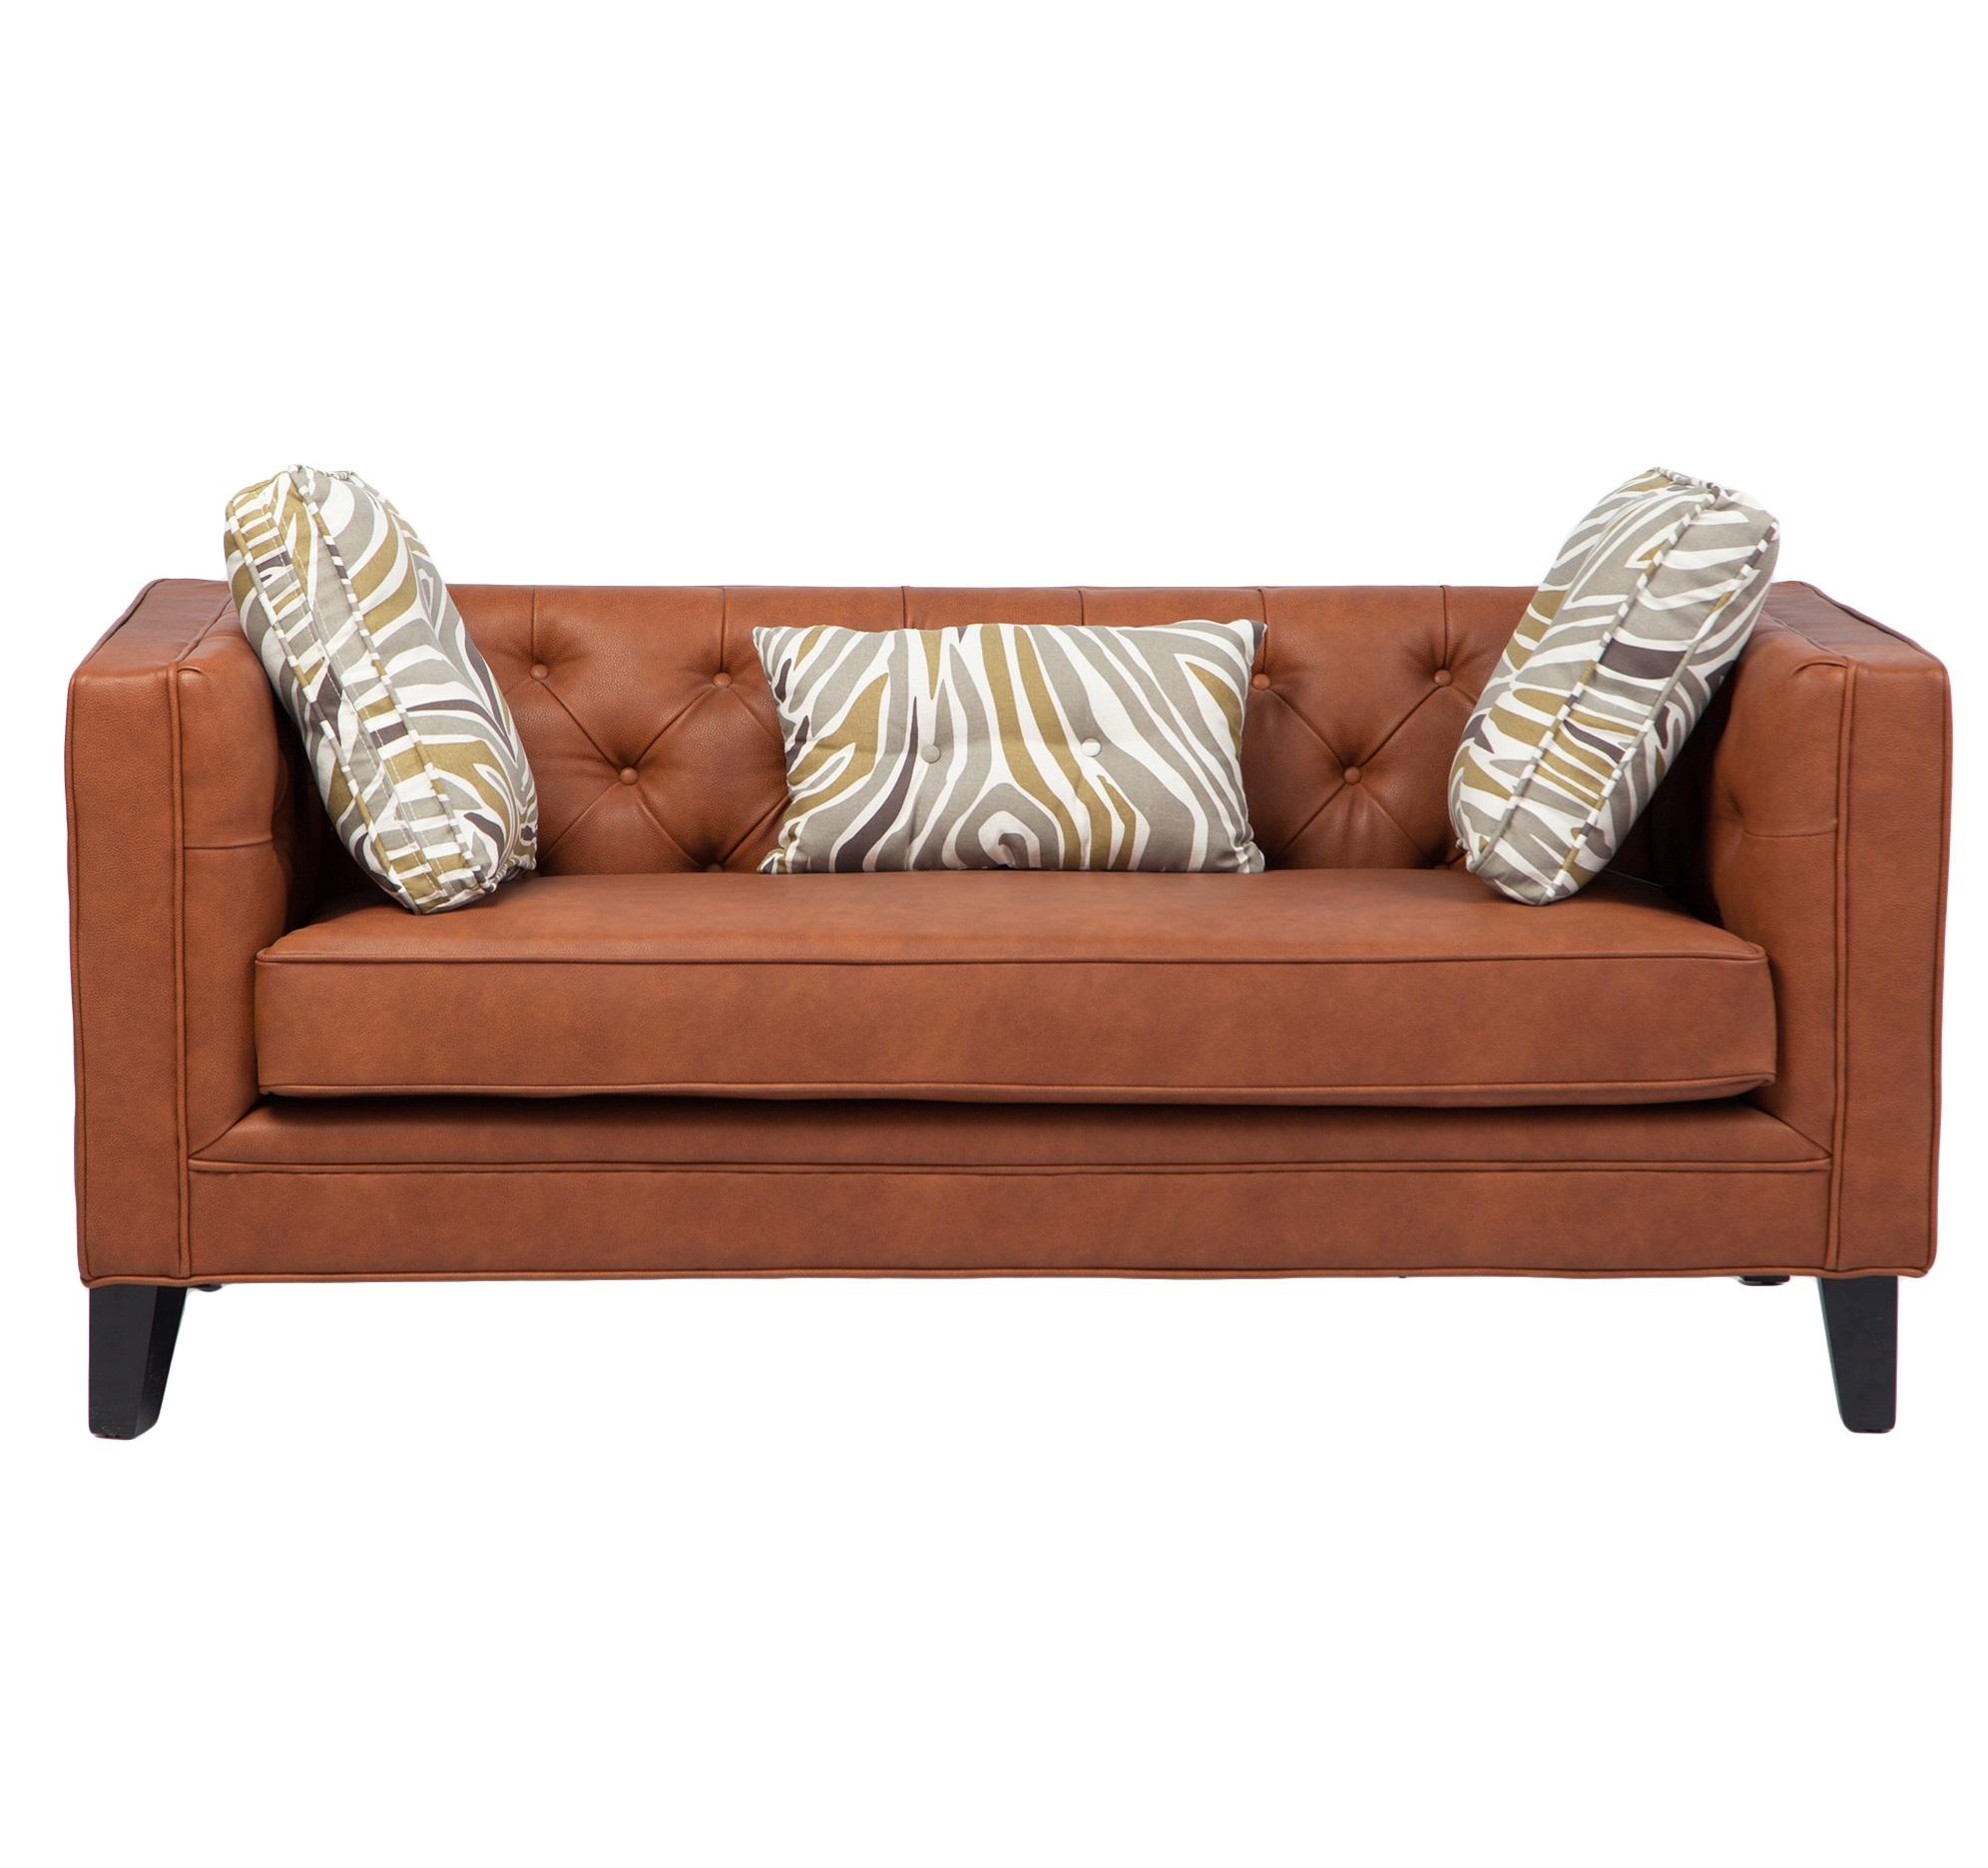 ДиванКожаные диваны<br>В комплекте 3 декоративные подушки.<br><br>Material: Кожа<br>Ширина см: 168<br>Высота см: 85<br>Глубина см: 80